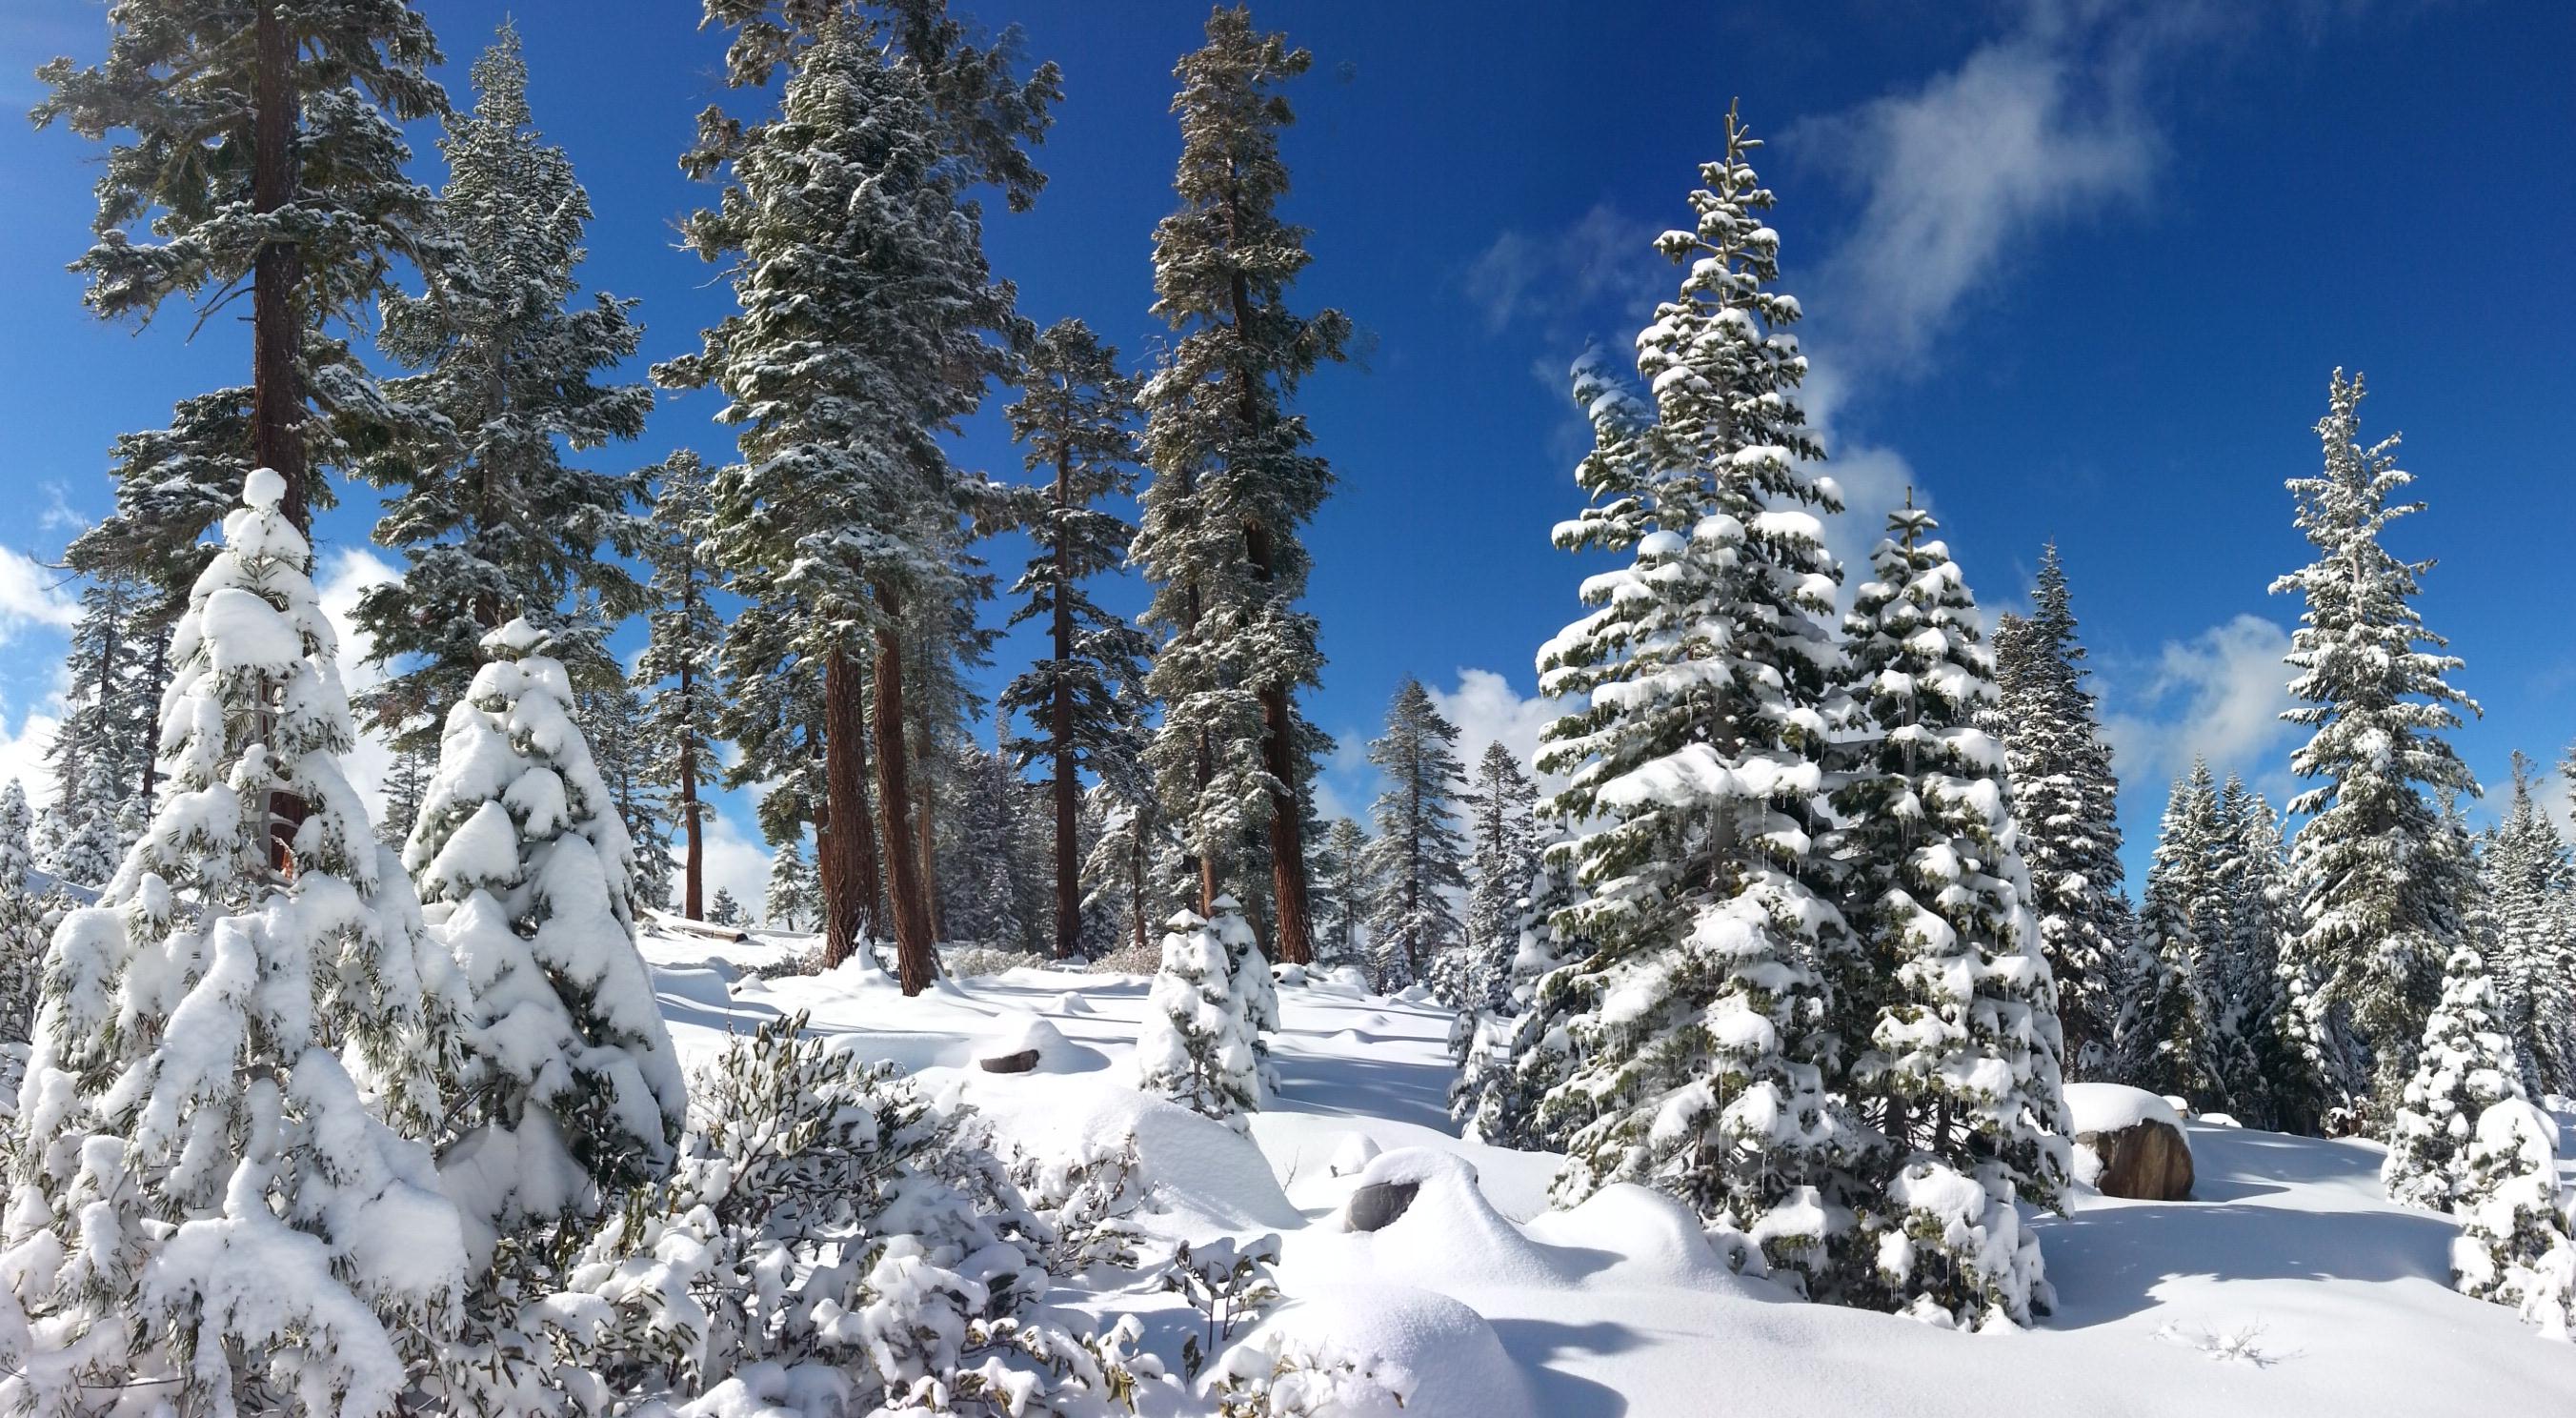 Northstar Private Ski Lesson Discount Coupon Private Ski Lessons